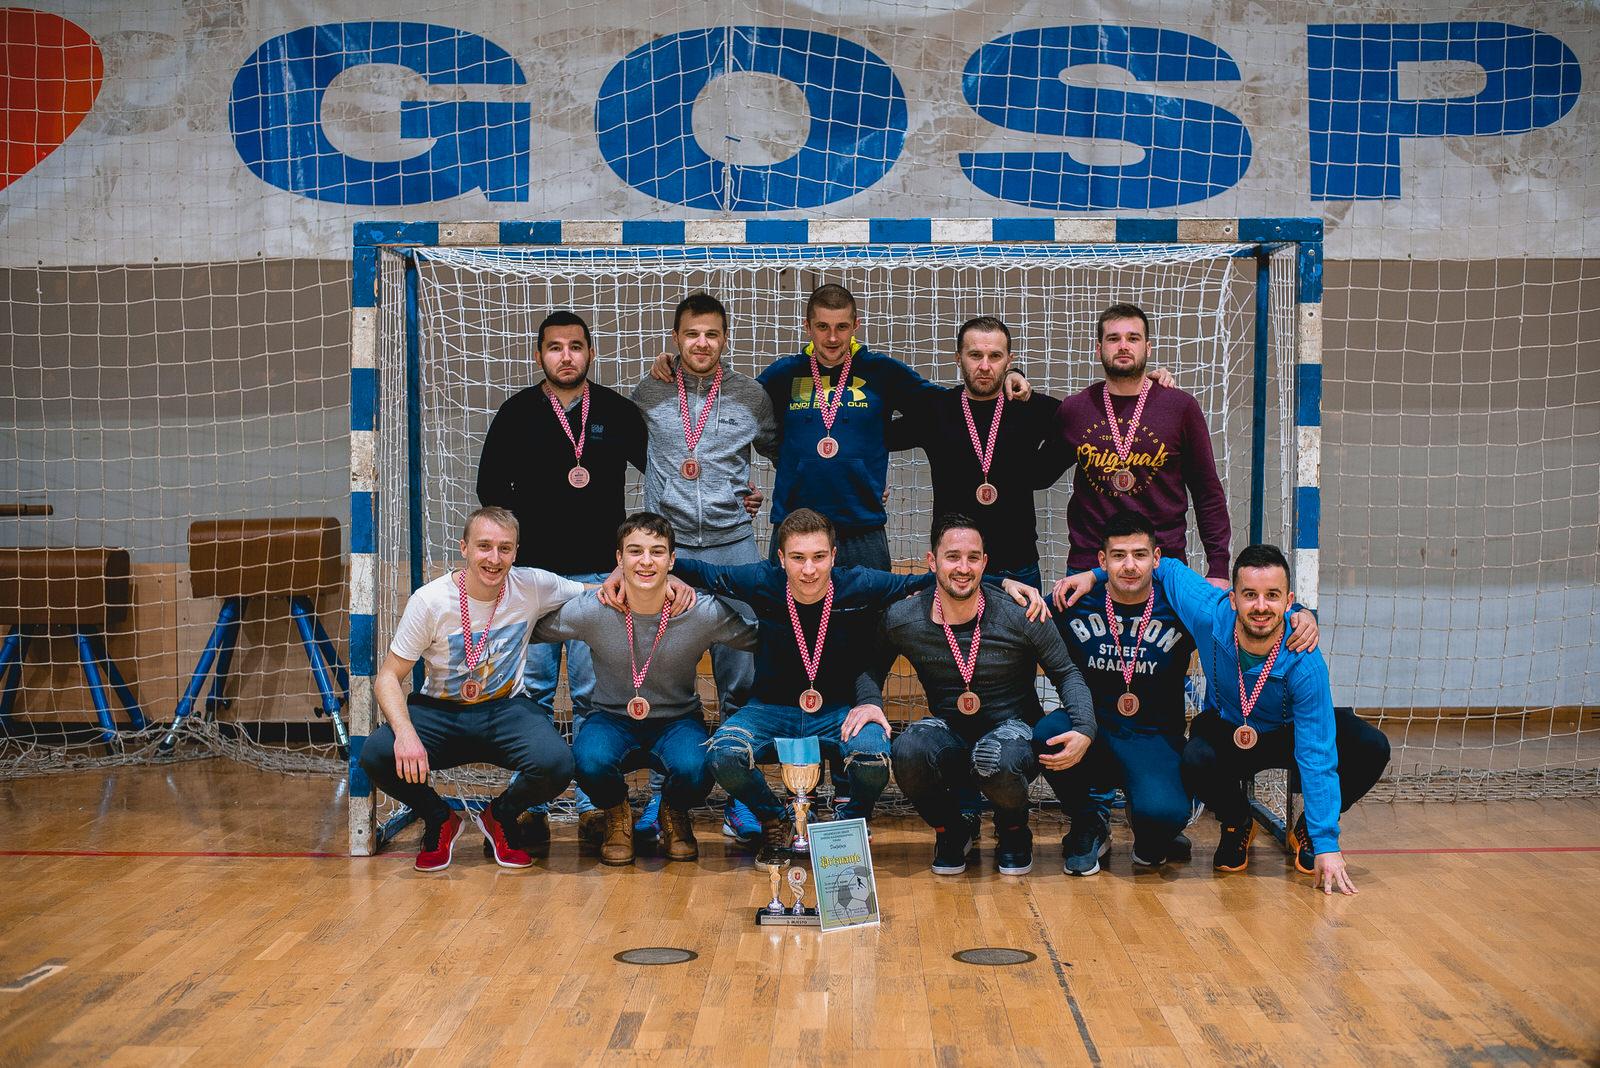 likaclub_gospić_zimski-malonogometni-turnir-2018-19-117